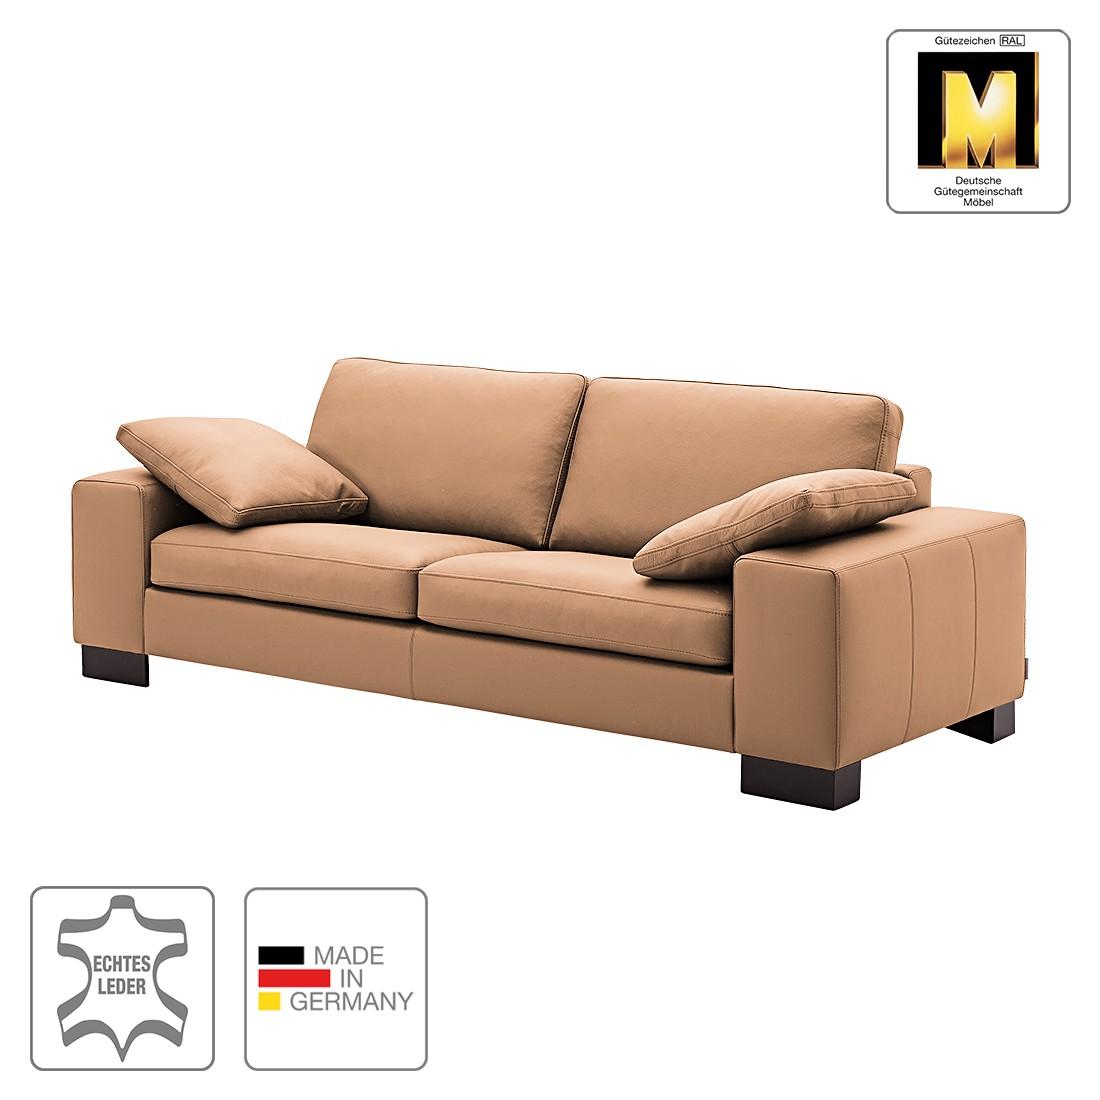 Sofa Matador (3-Sitzer) - Echtleder - Taupe - Ohne Kissen, Machalke Polsterwerkstätten